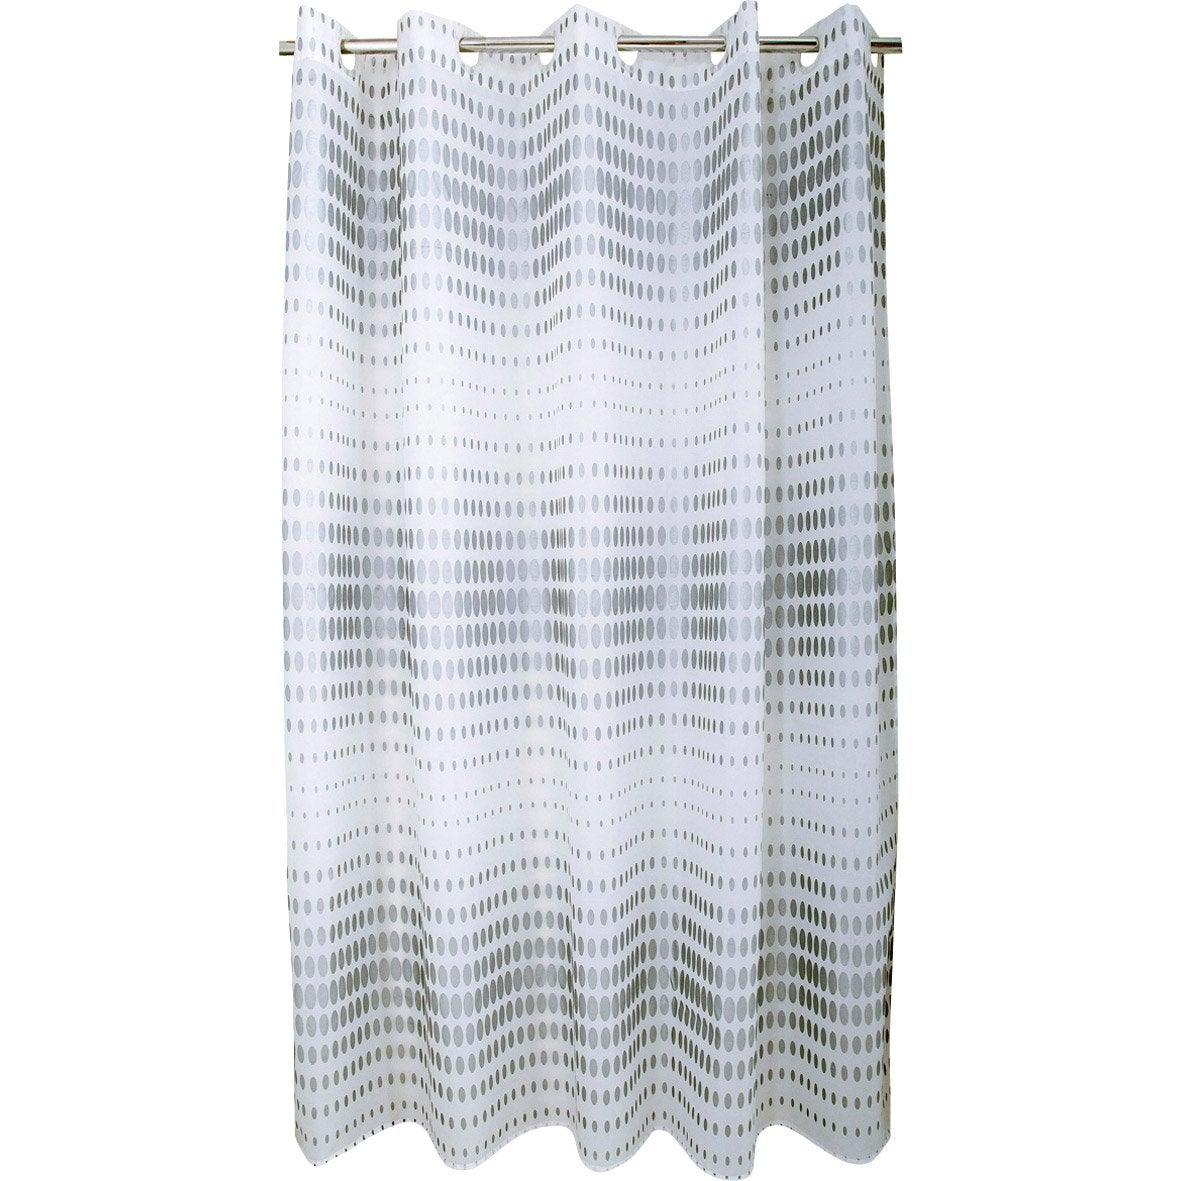 Rideau de douche en textile argent x cm flash sensea leroy merlin - Rideau de douche textile ...